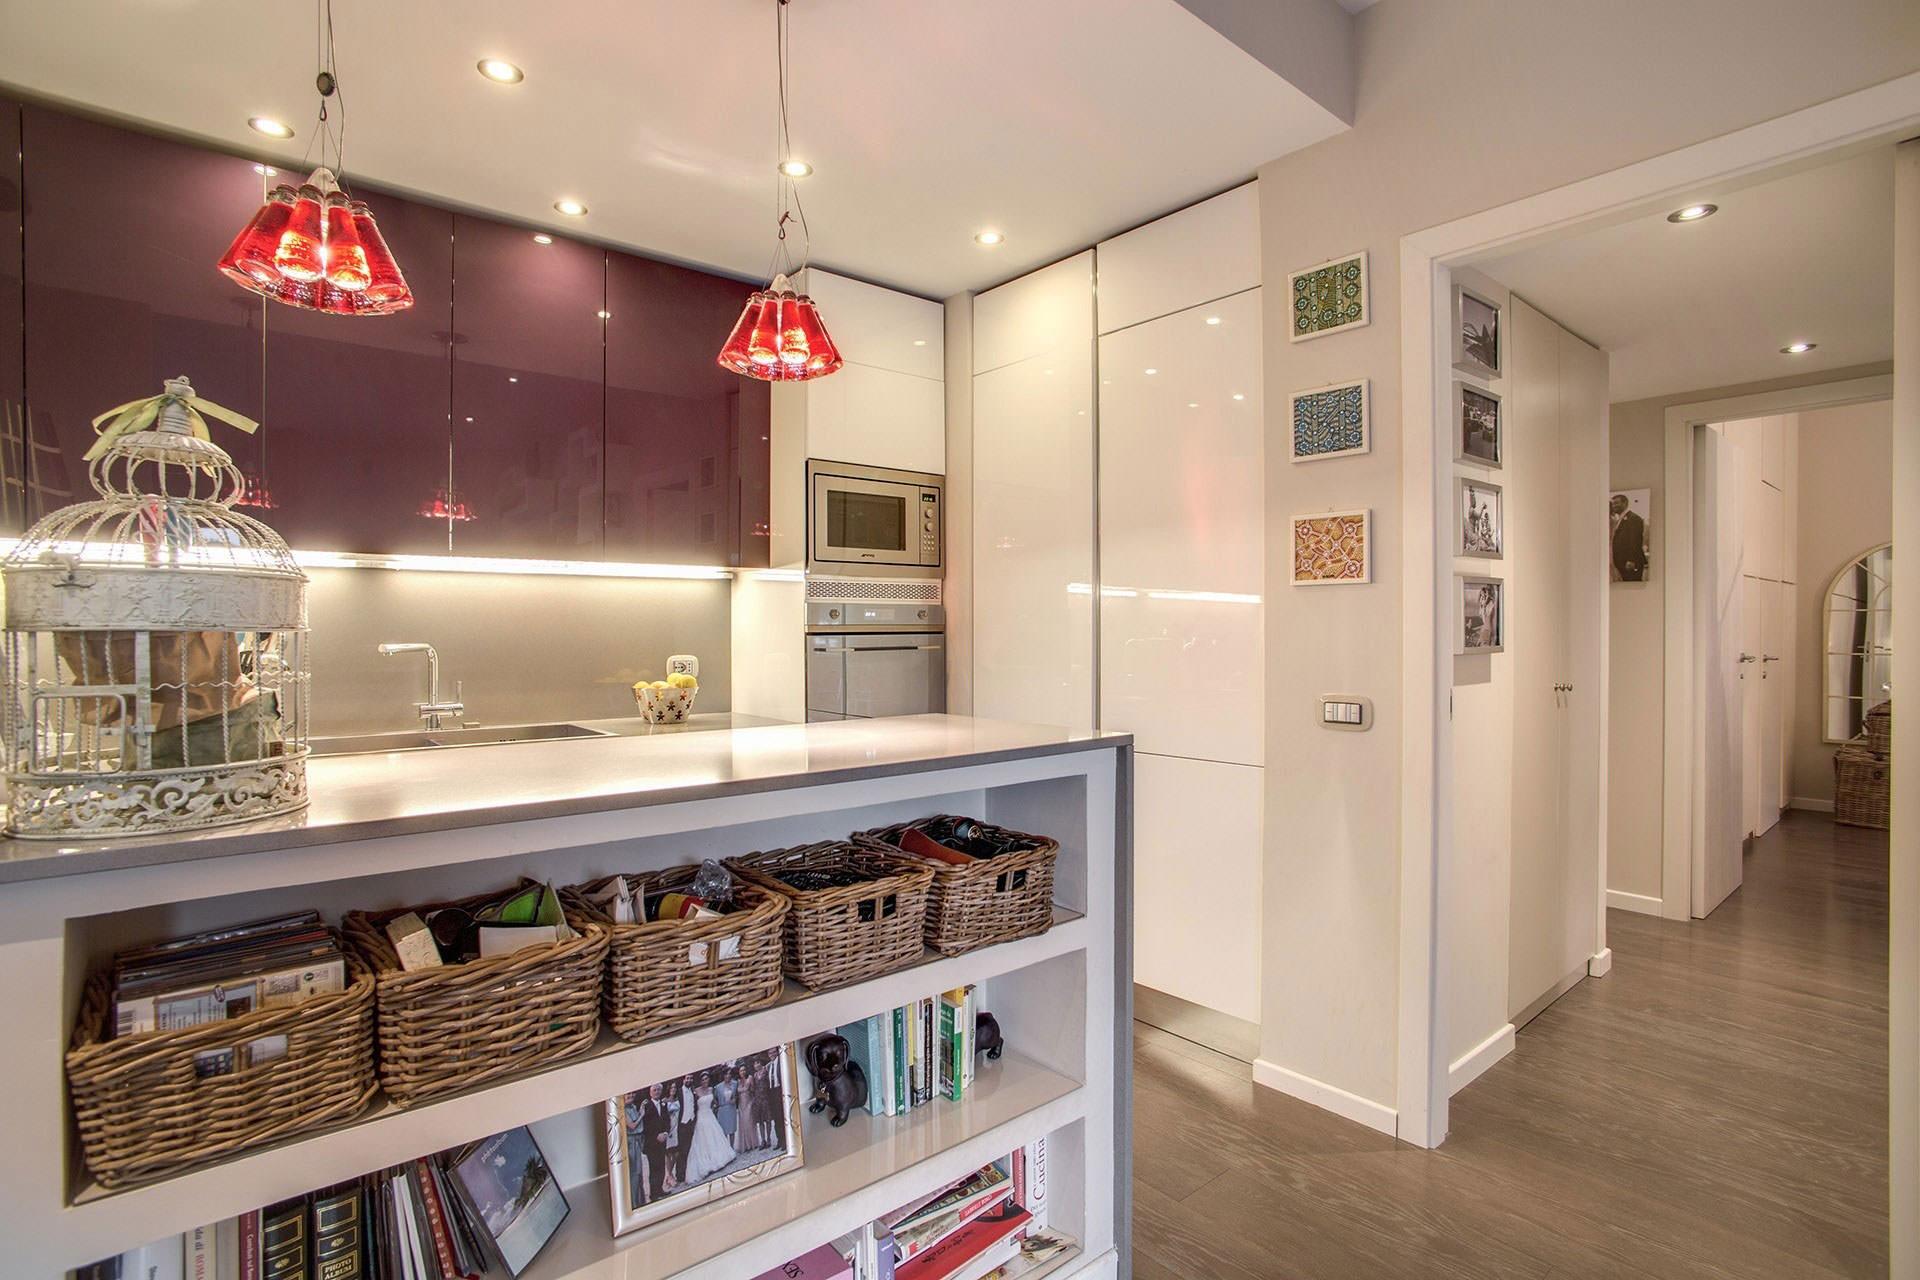 komforten-apartament-sas-sempal-dizain-v-rim-3g